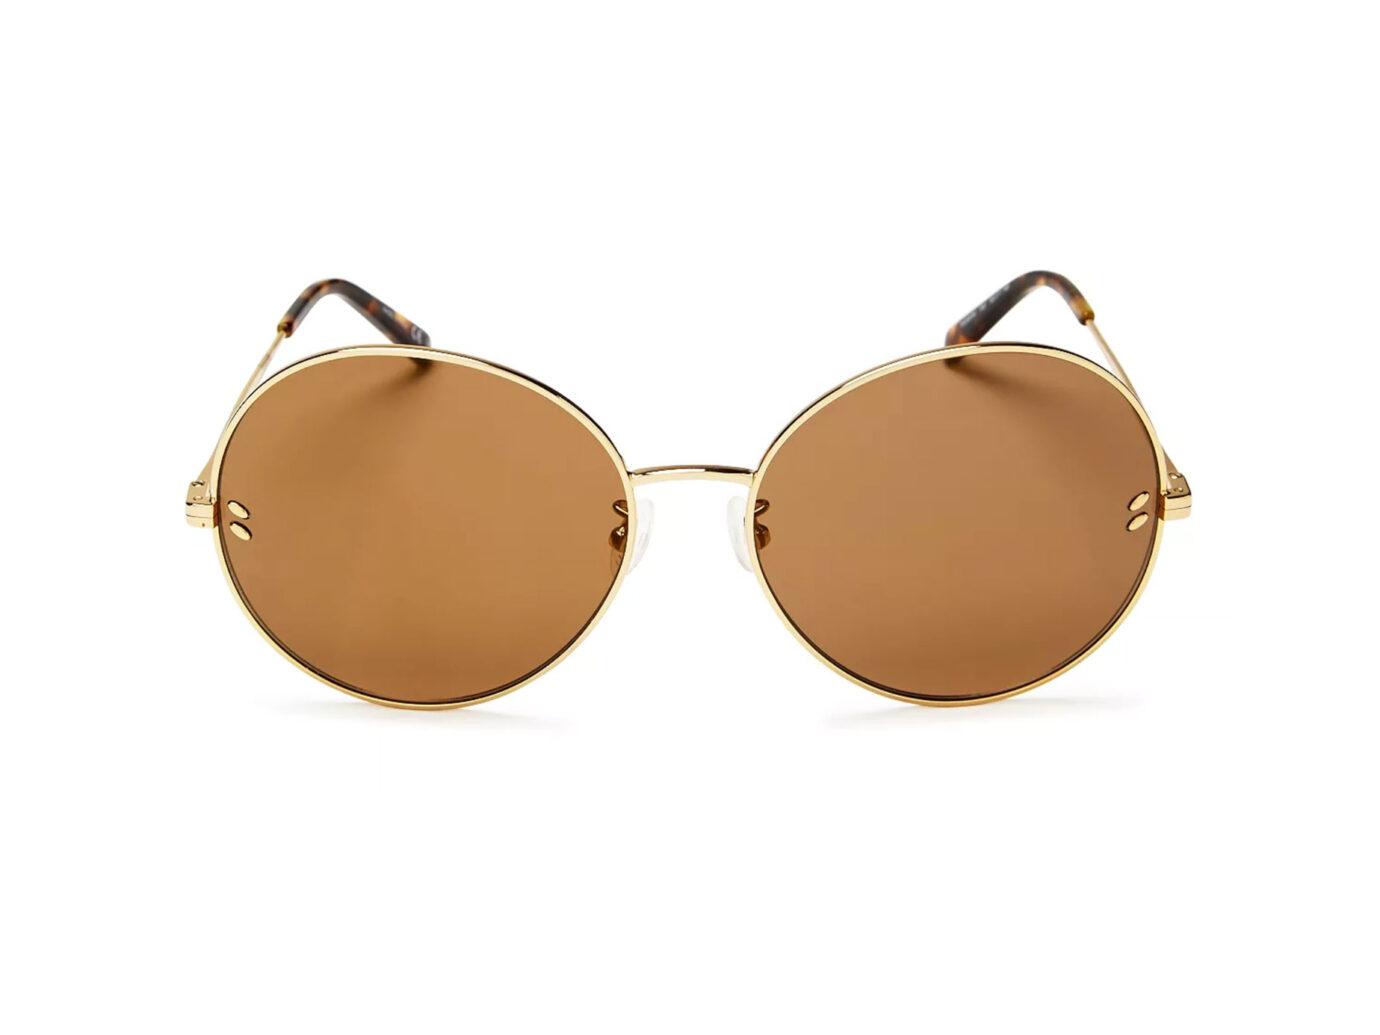 Stella McCartney Mirrored Round Sunglasses